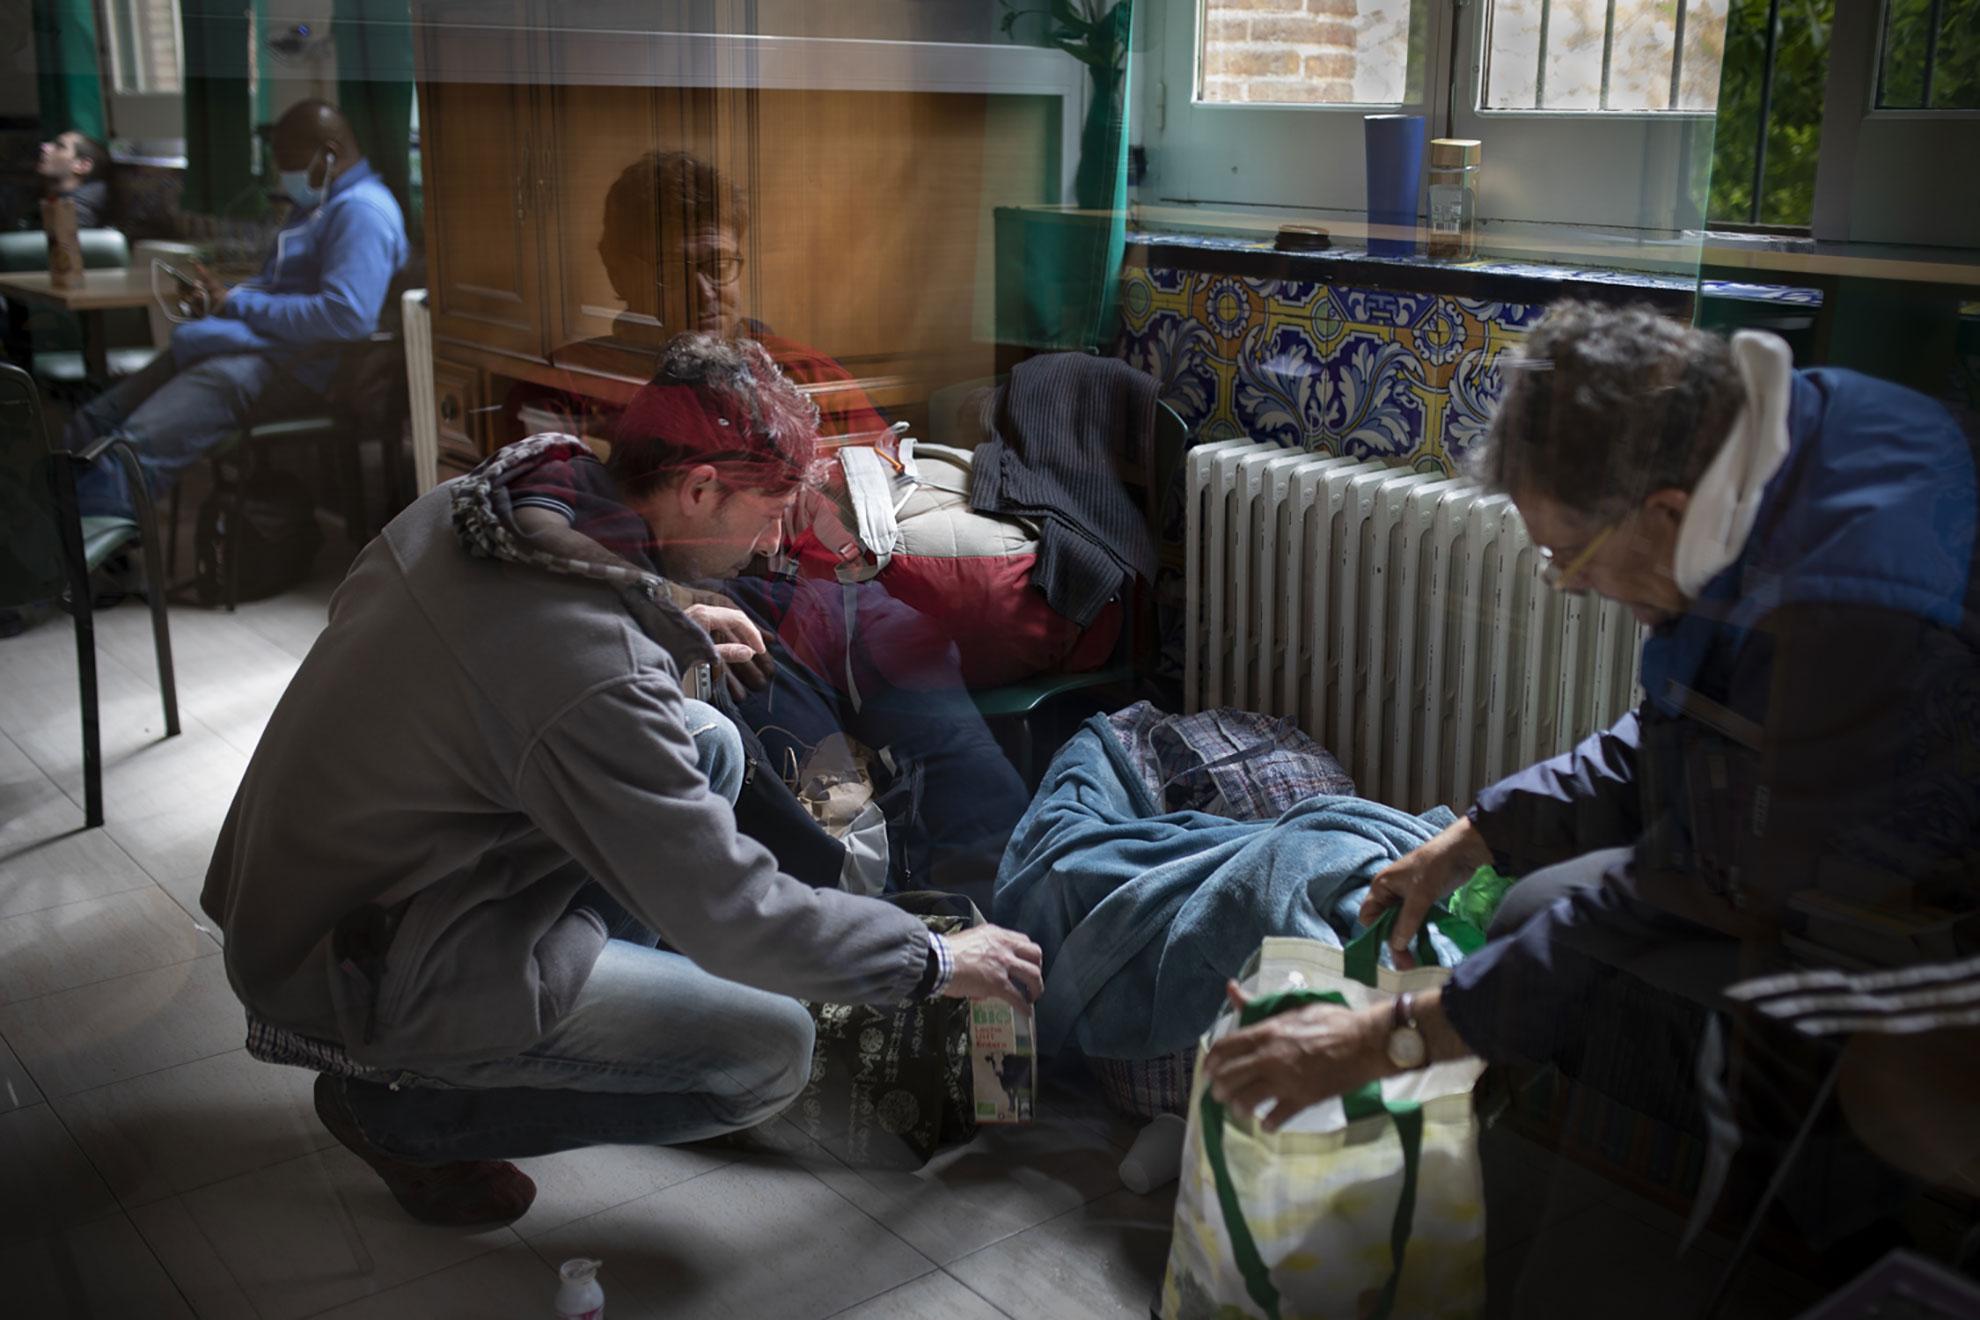 """¿Cómo quedarse confinado en casa cuando no tienes en casa? Esta es la realidad de muchas personas sin hogar que han visto como el Covid-19 ha trastocado aún más sus vidas, ya de por sí tremendamente duras. Algunos han conseguido plaza en el centro de día Luz Casanova, donde tienen acceso a duchas, lavandería y comida, y también pueden hablar con un psicólogo si lo necesitan.""""La pandemia ha visibilizado una bolsa de pobreza que había en Madrid, de personas en situaciones precarias, pero que subsistían, y que ahora no pueden"""", explica Antonio, su encargado. """"Pensamos que, cuando todo pase, habrá más demanda de ayuda, no sólo de comida y vivienda, también cubrir necesidades de escucha: todos vamos a necesitar ayuda para superar nuestro encierro, la distancia social, los duelos o la pérdida de trabajo""""."""